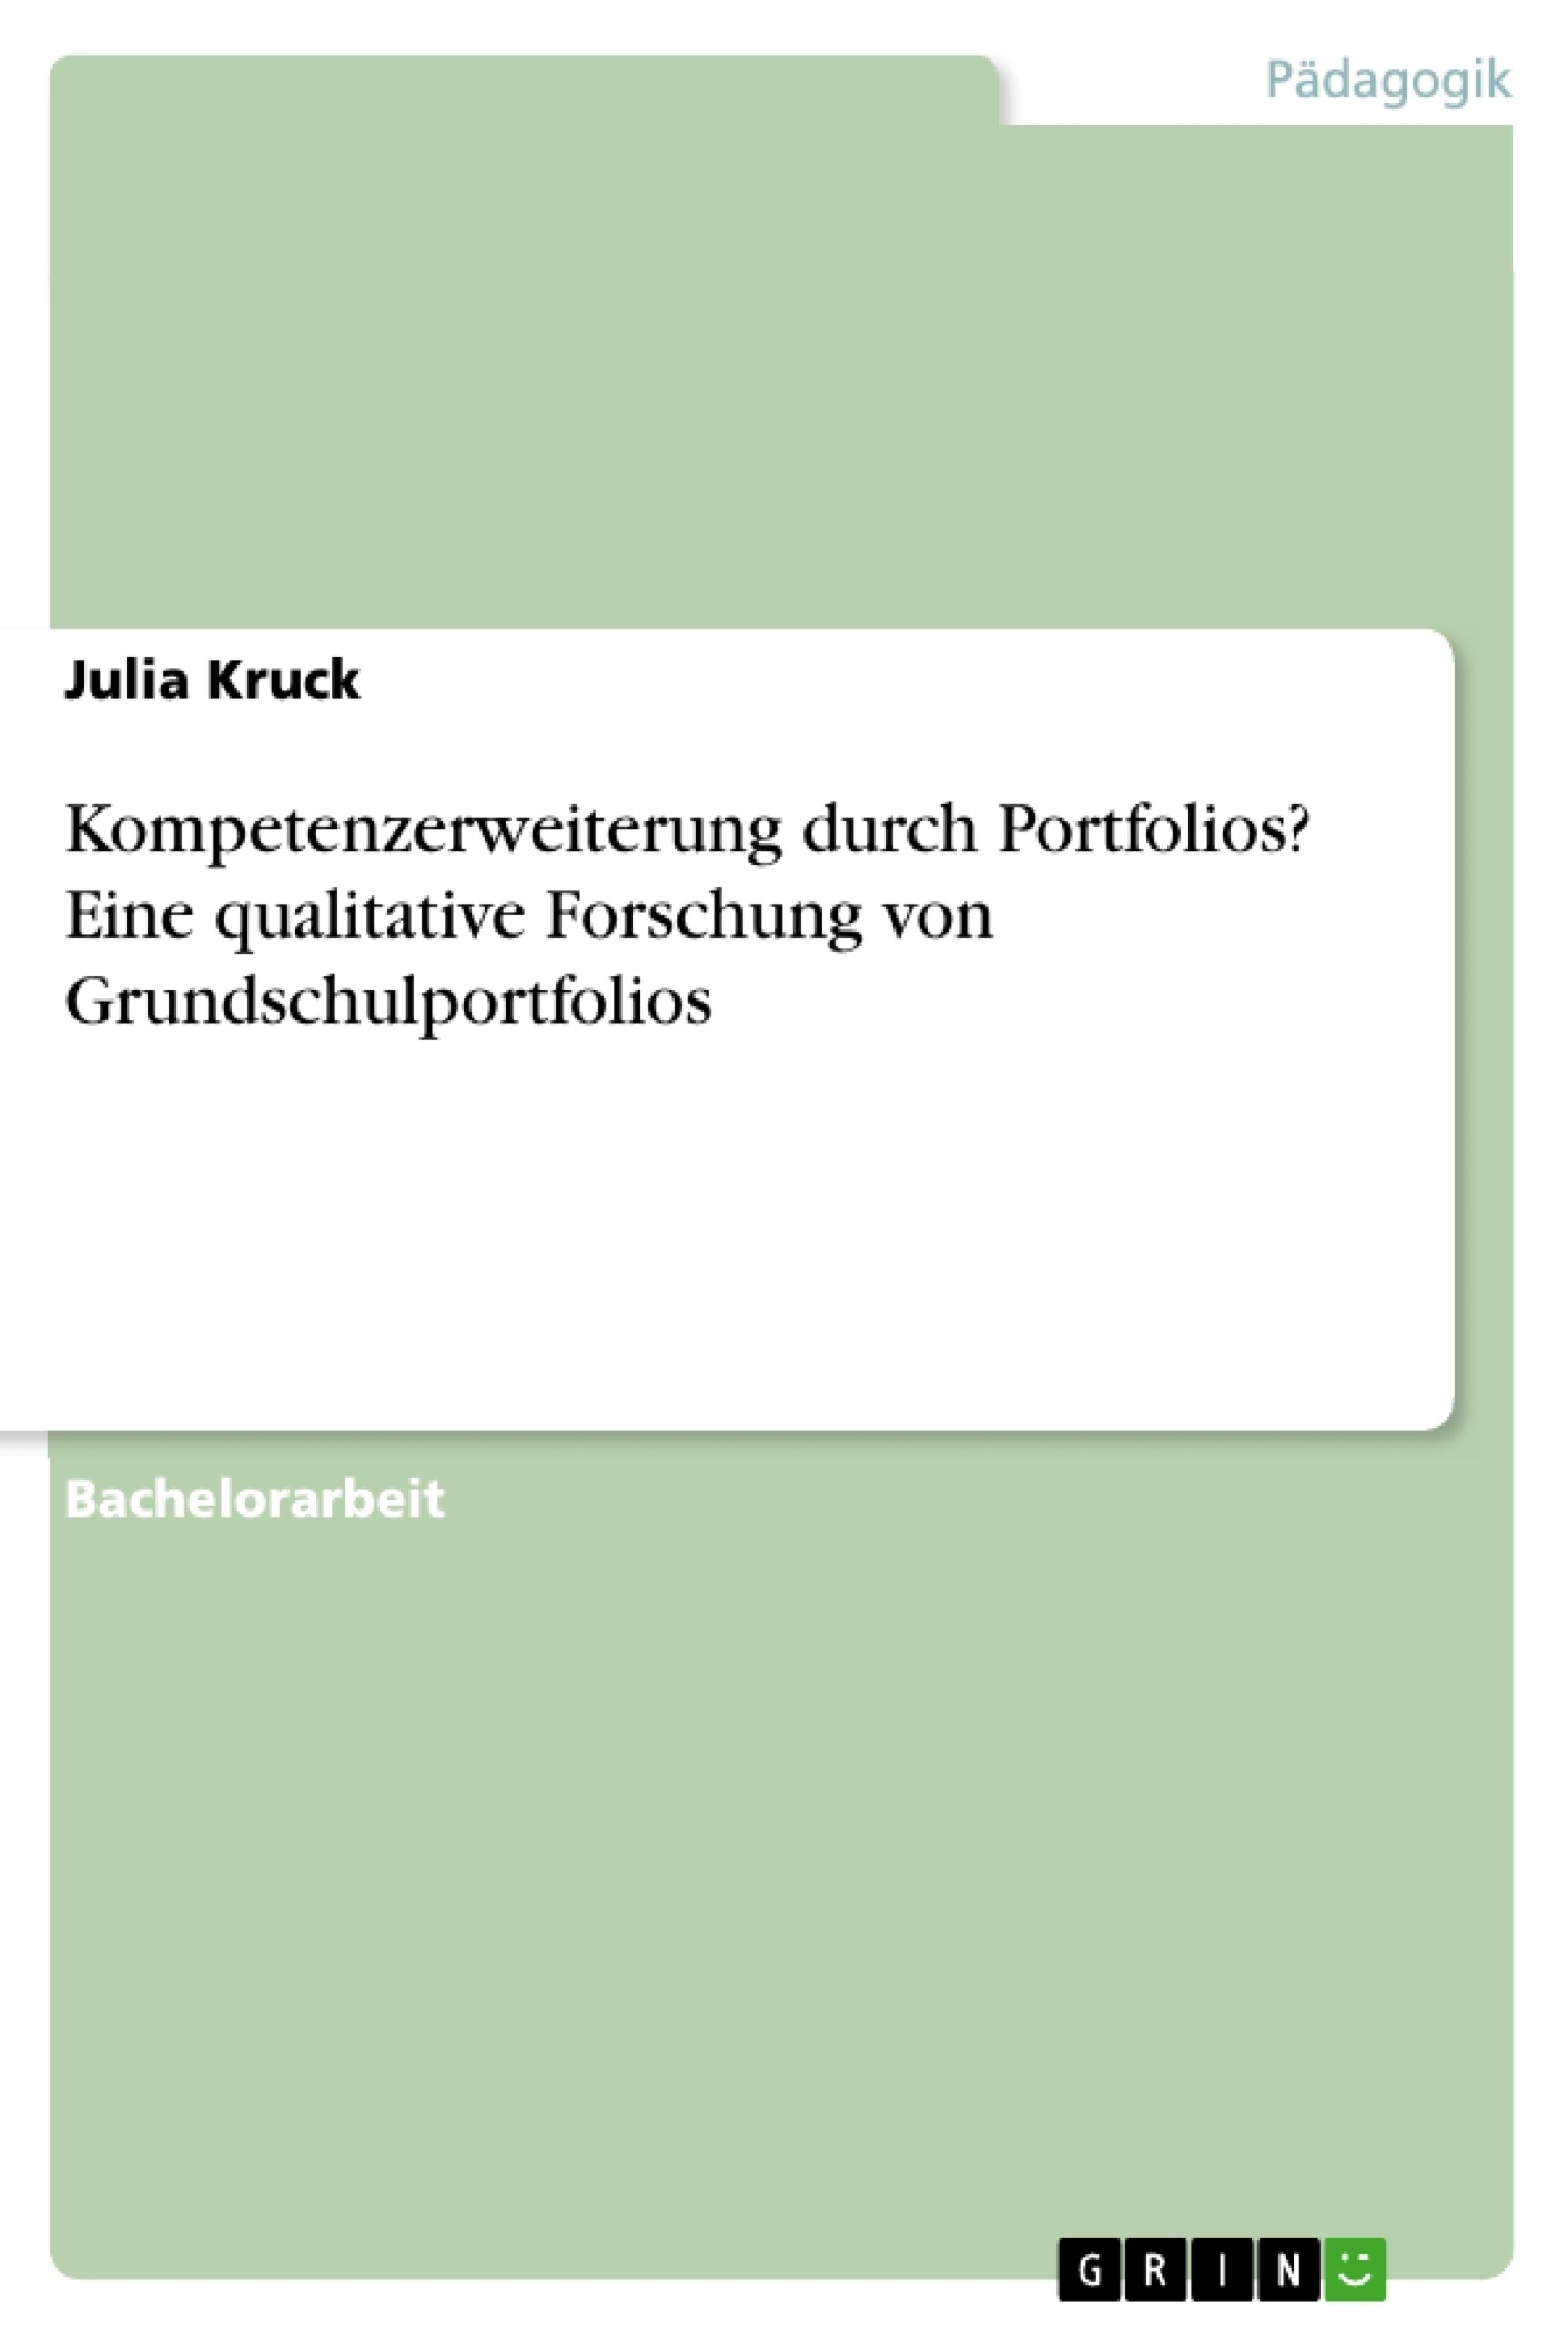 Titel: Kompetenzerweiterung durch Portfolios? Eine qualitative Forschung von Grundschulportfolios